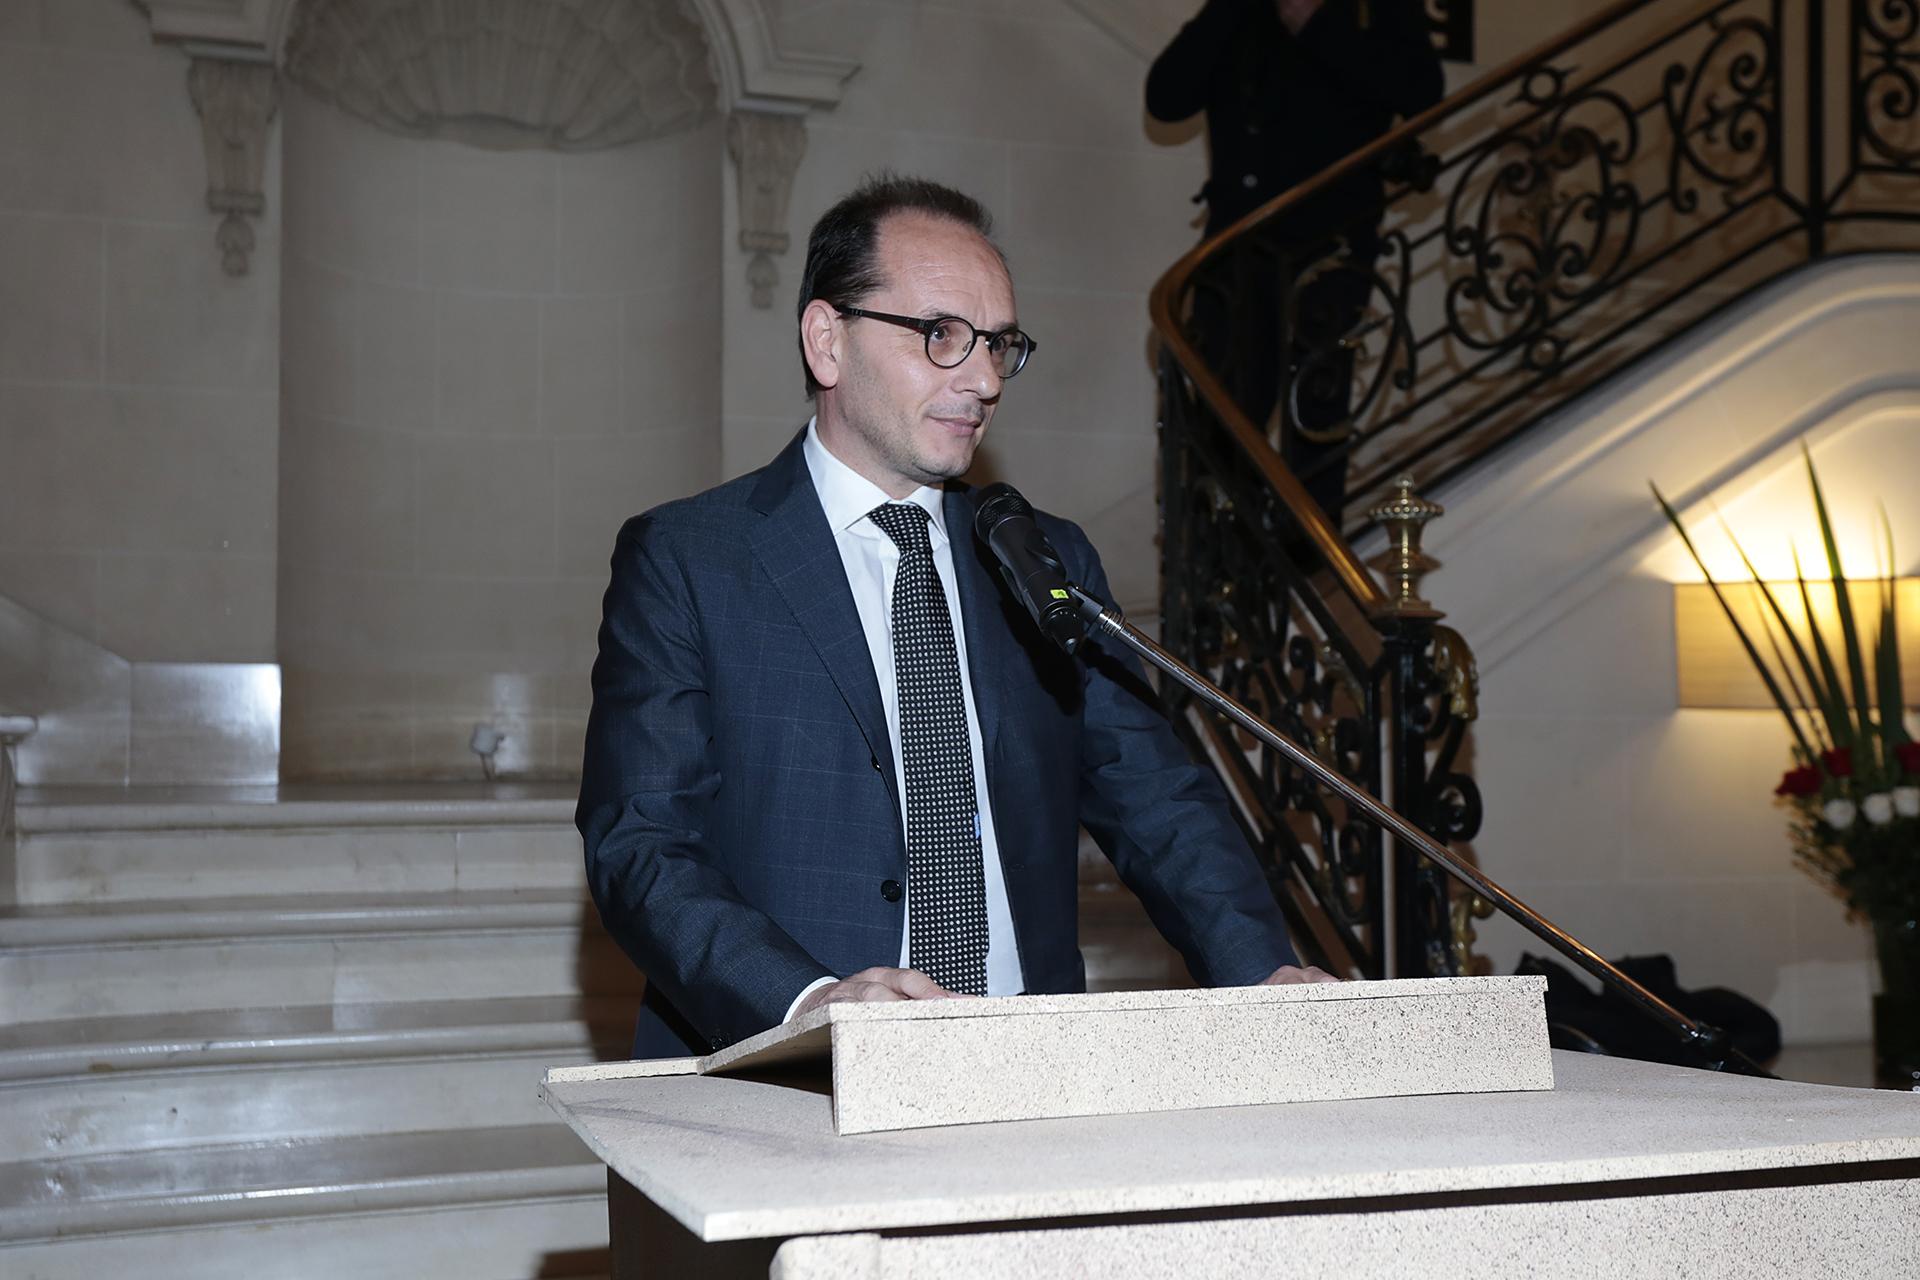 El embajador de Italia en la Argentina, Giuseppe Manzo, durante su discurso en el Aniversario del Día de la RepúblicaItaliana